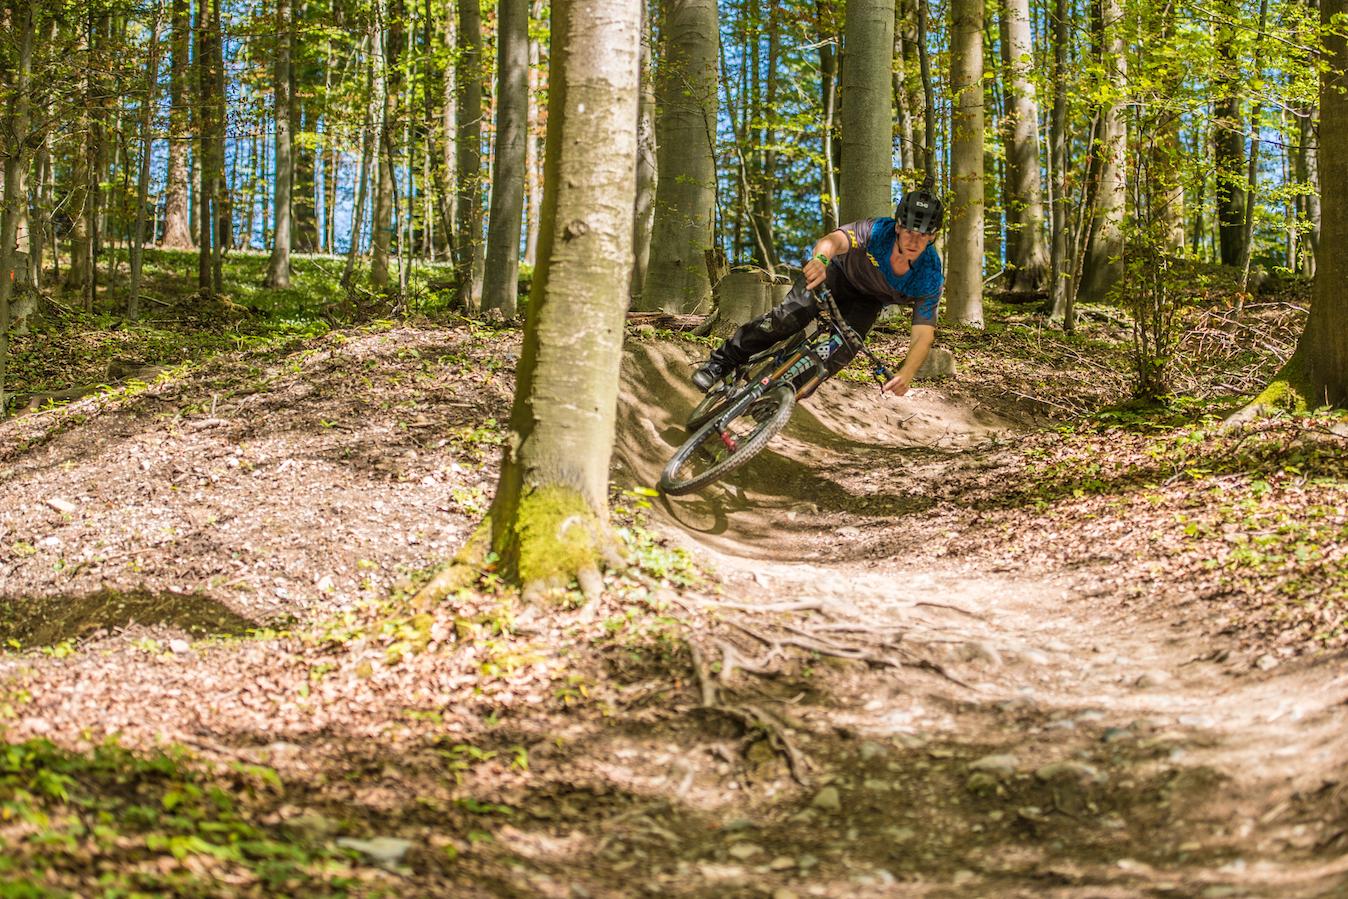 Mehr Flow - Pump Tracks, Trails und mehr Akzeptanz für den Bikesport - wir setzen uns für bei der Stadt und beim Kanton für ein.